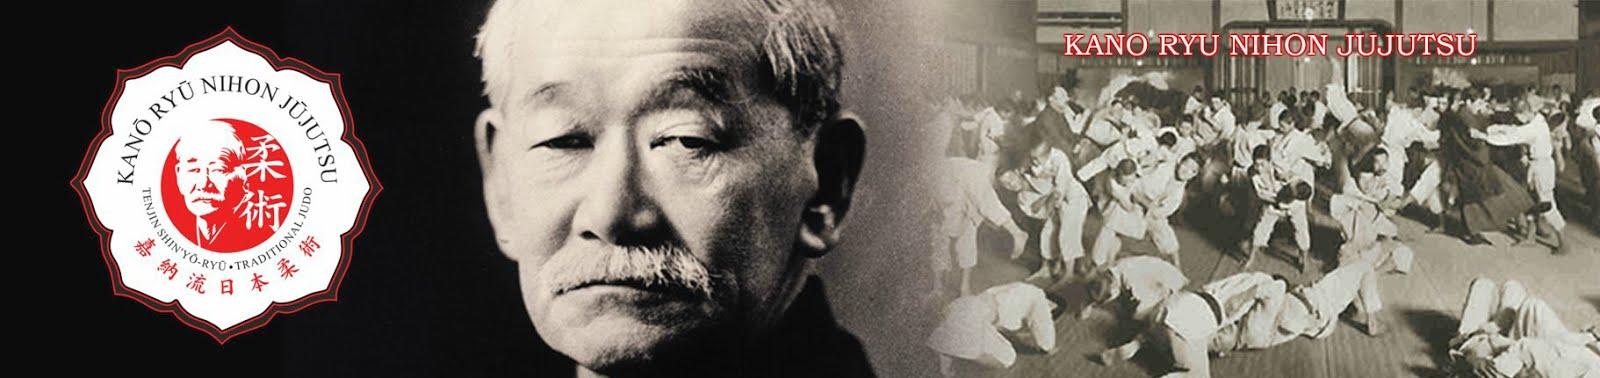 Kano Ryu Nihon Jujutsu